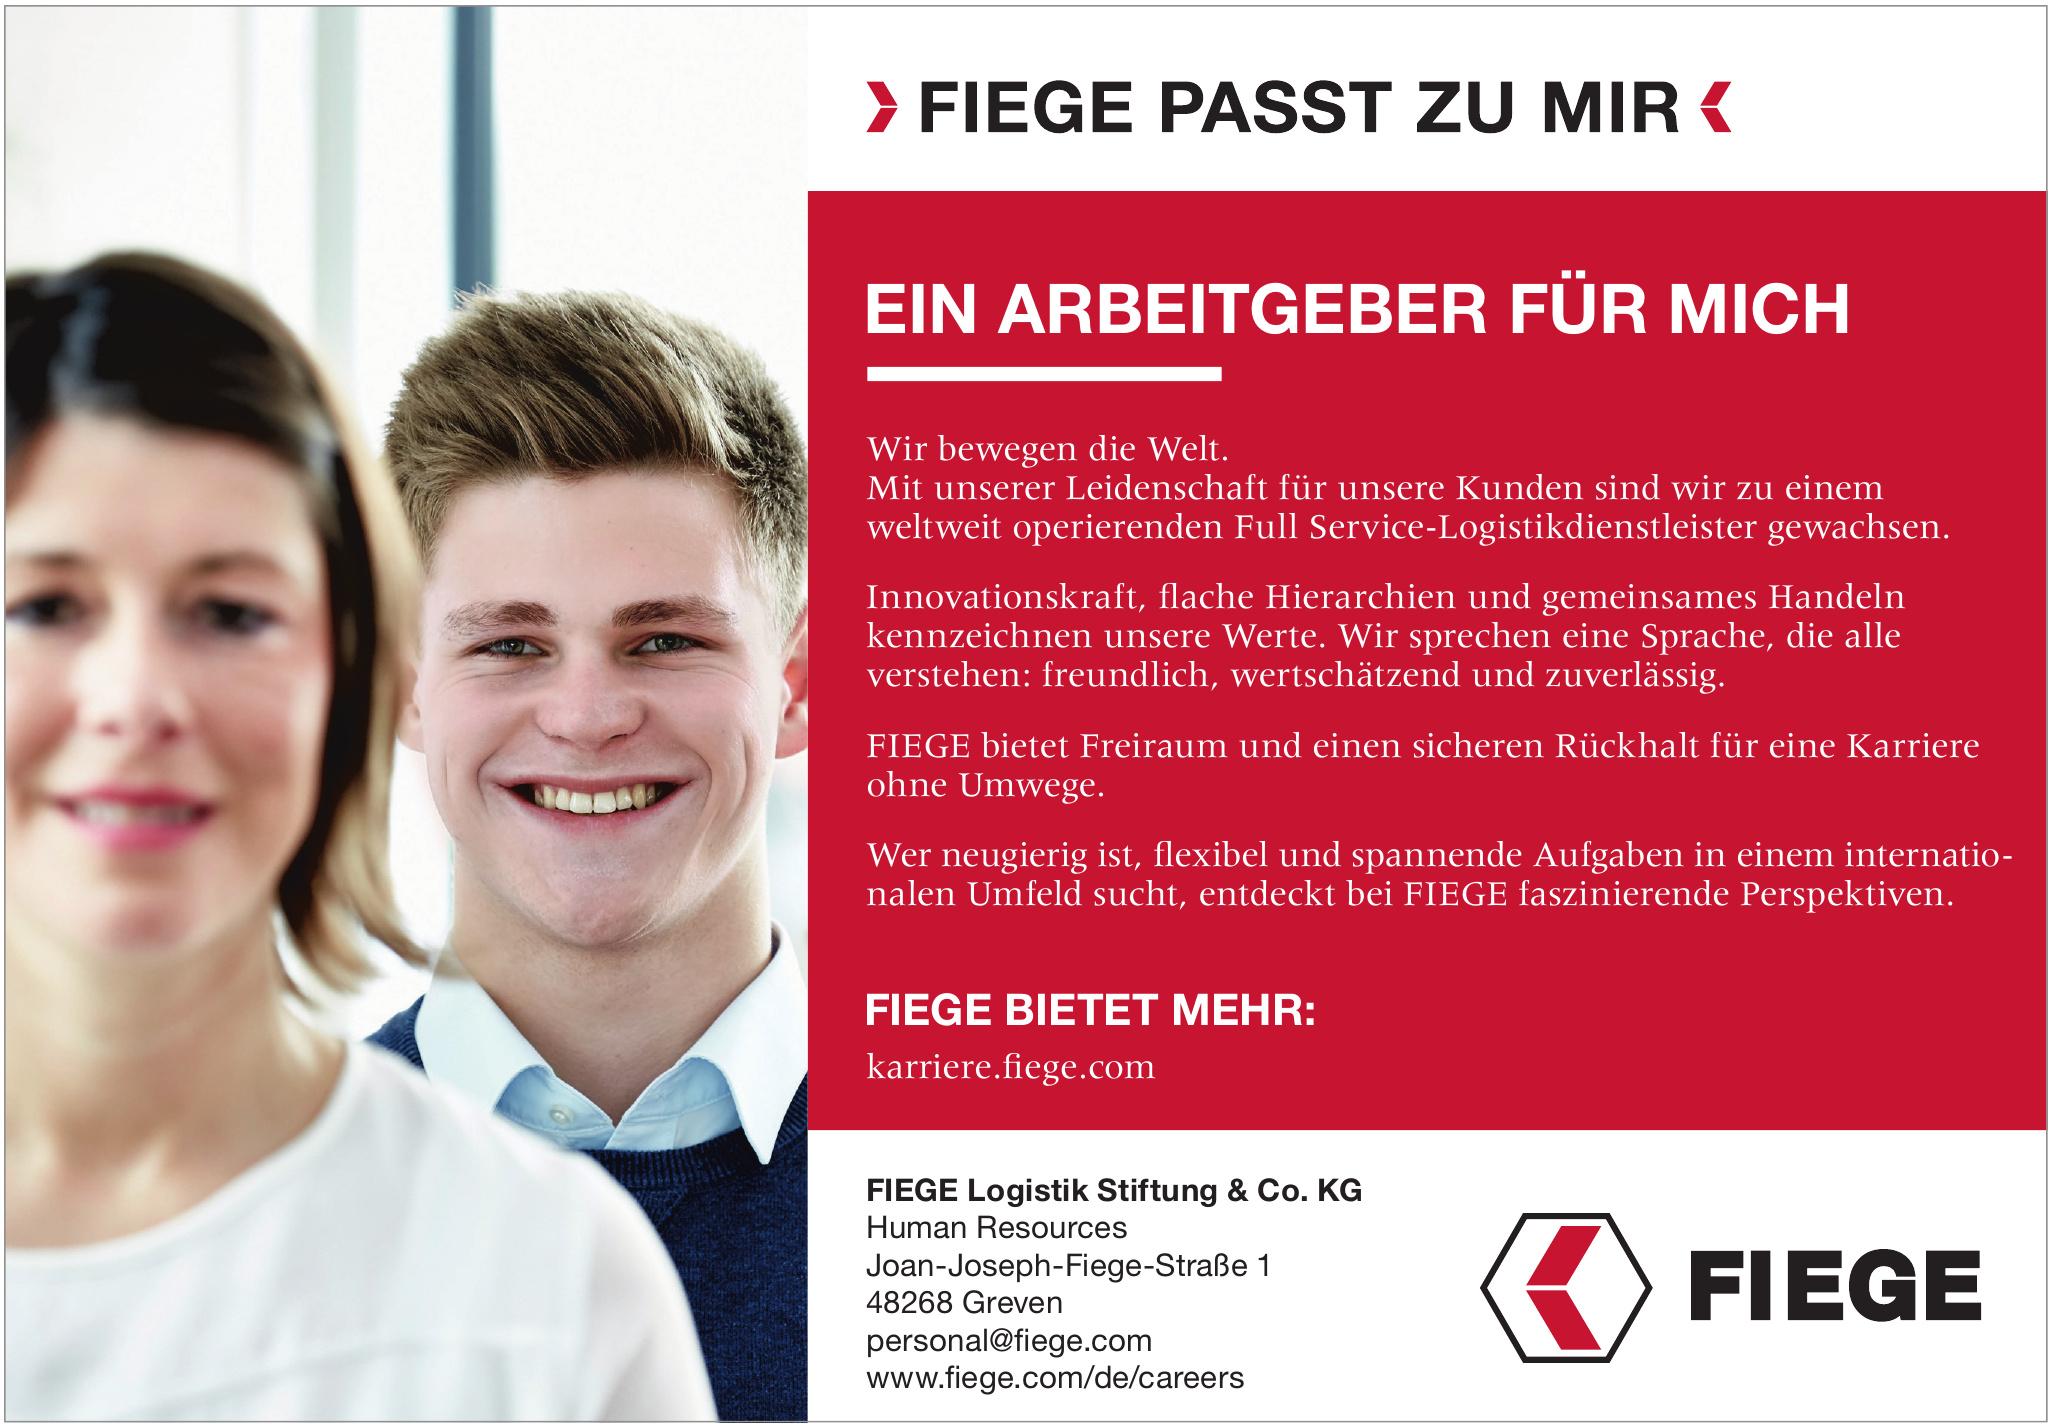 FIEGE Logistik Stiftung & Co. KG